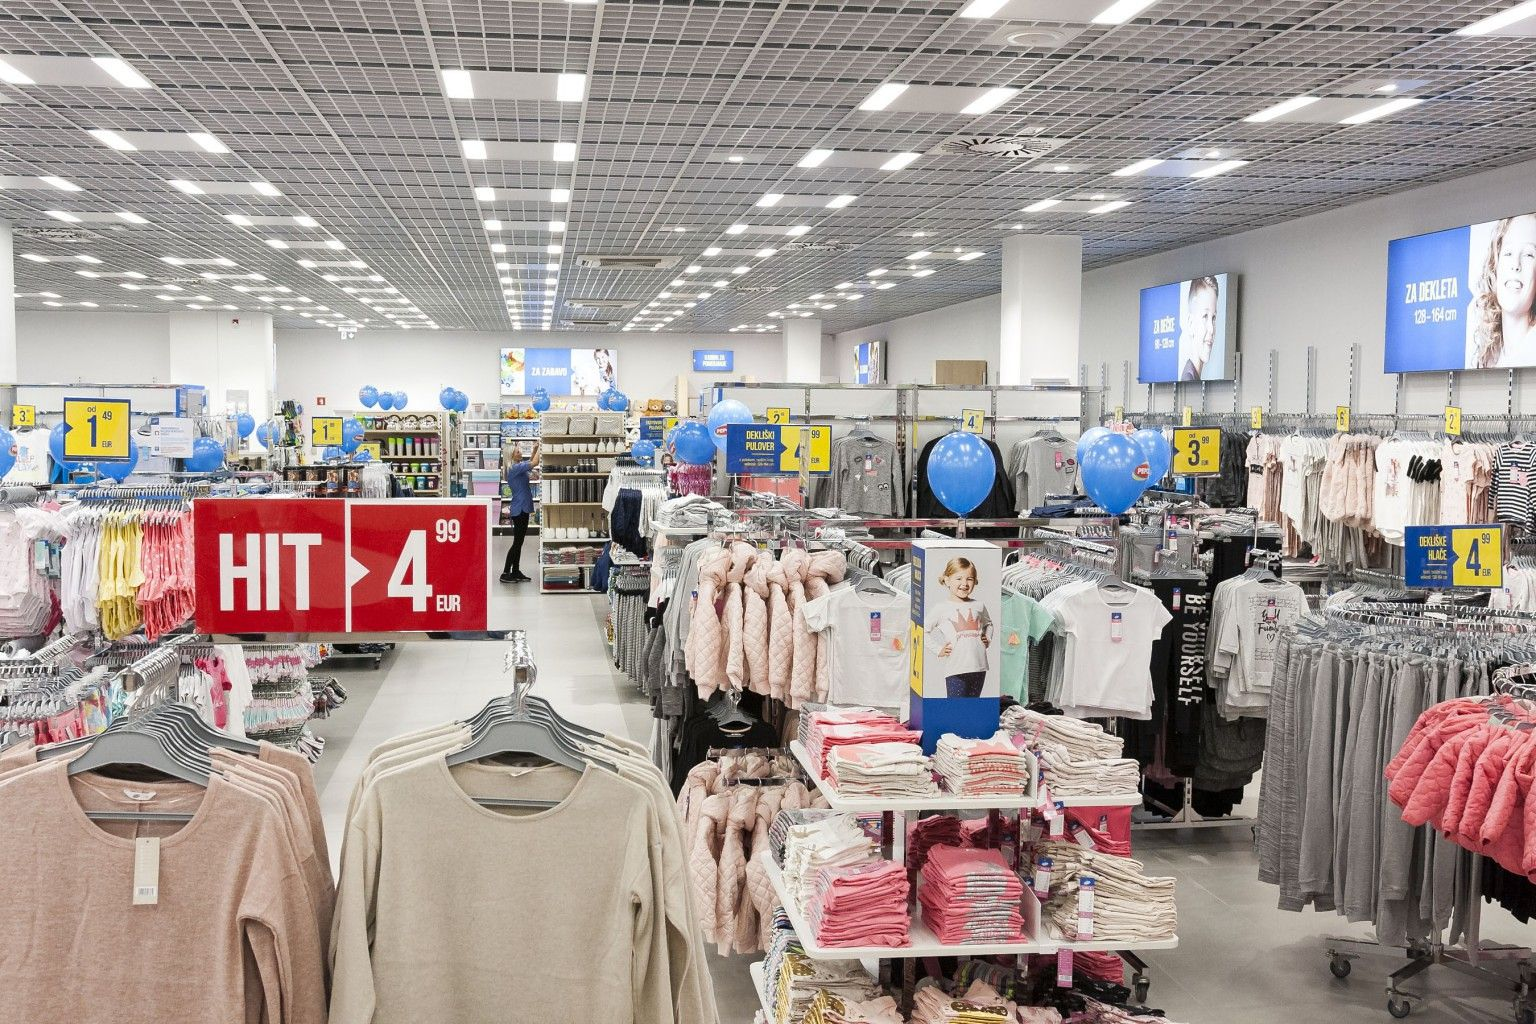 Así es Pepco, el 'Primark polaco' que abrirá una tienda en Alicante